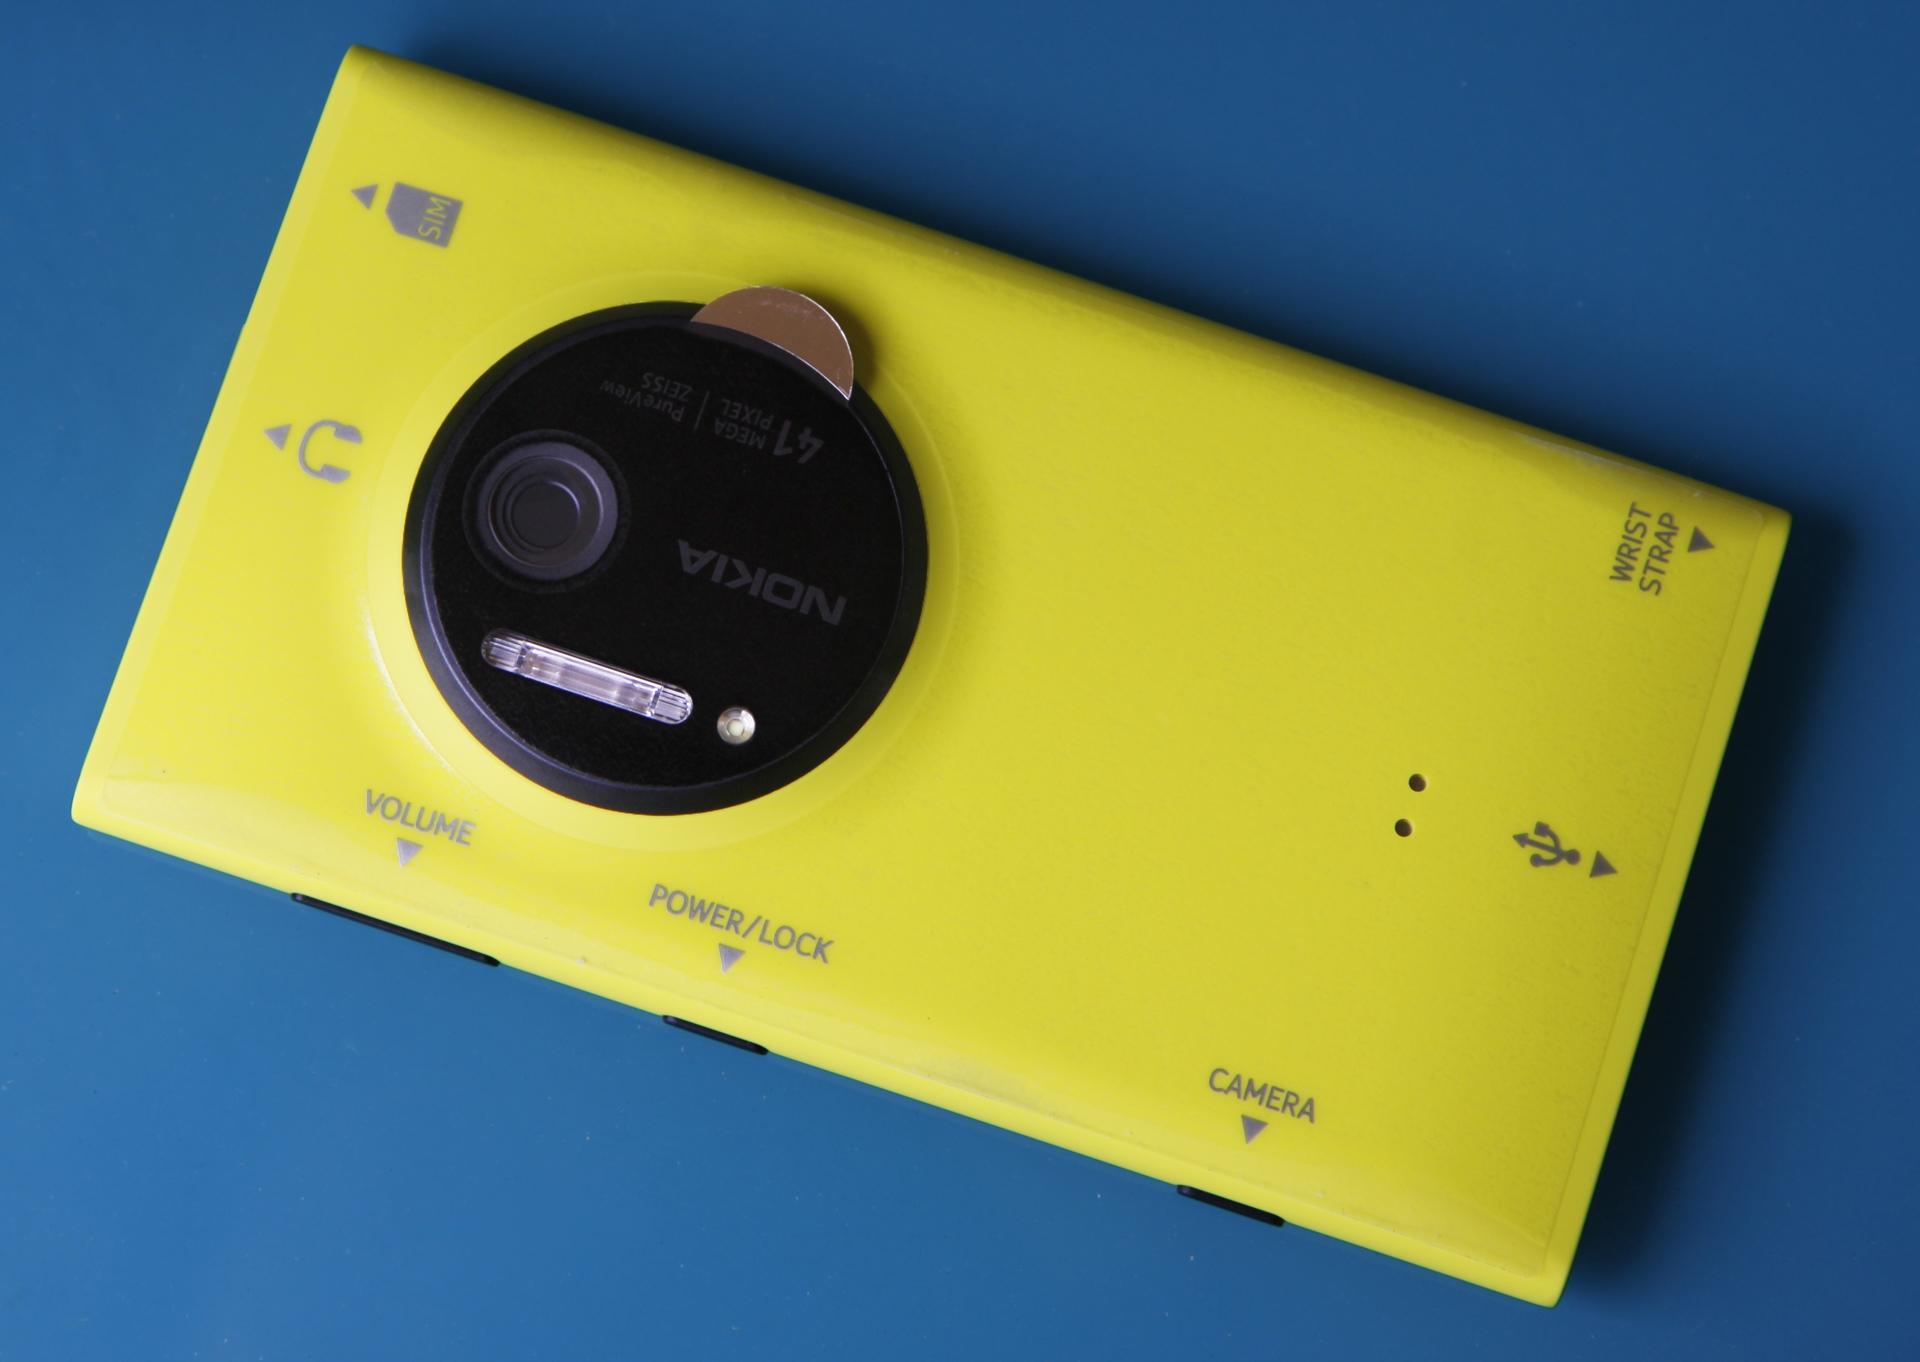 Ống kính máy ảnh cực mạnh của Lumia 1020 mới được phát hiện